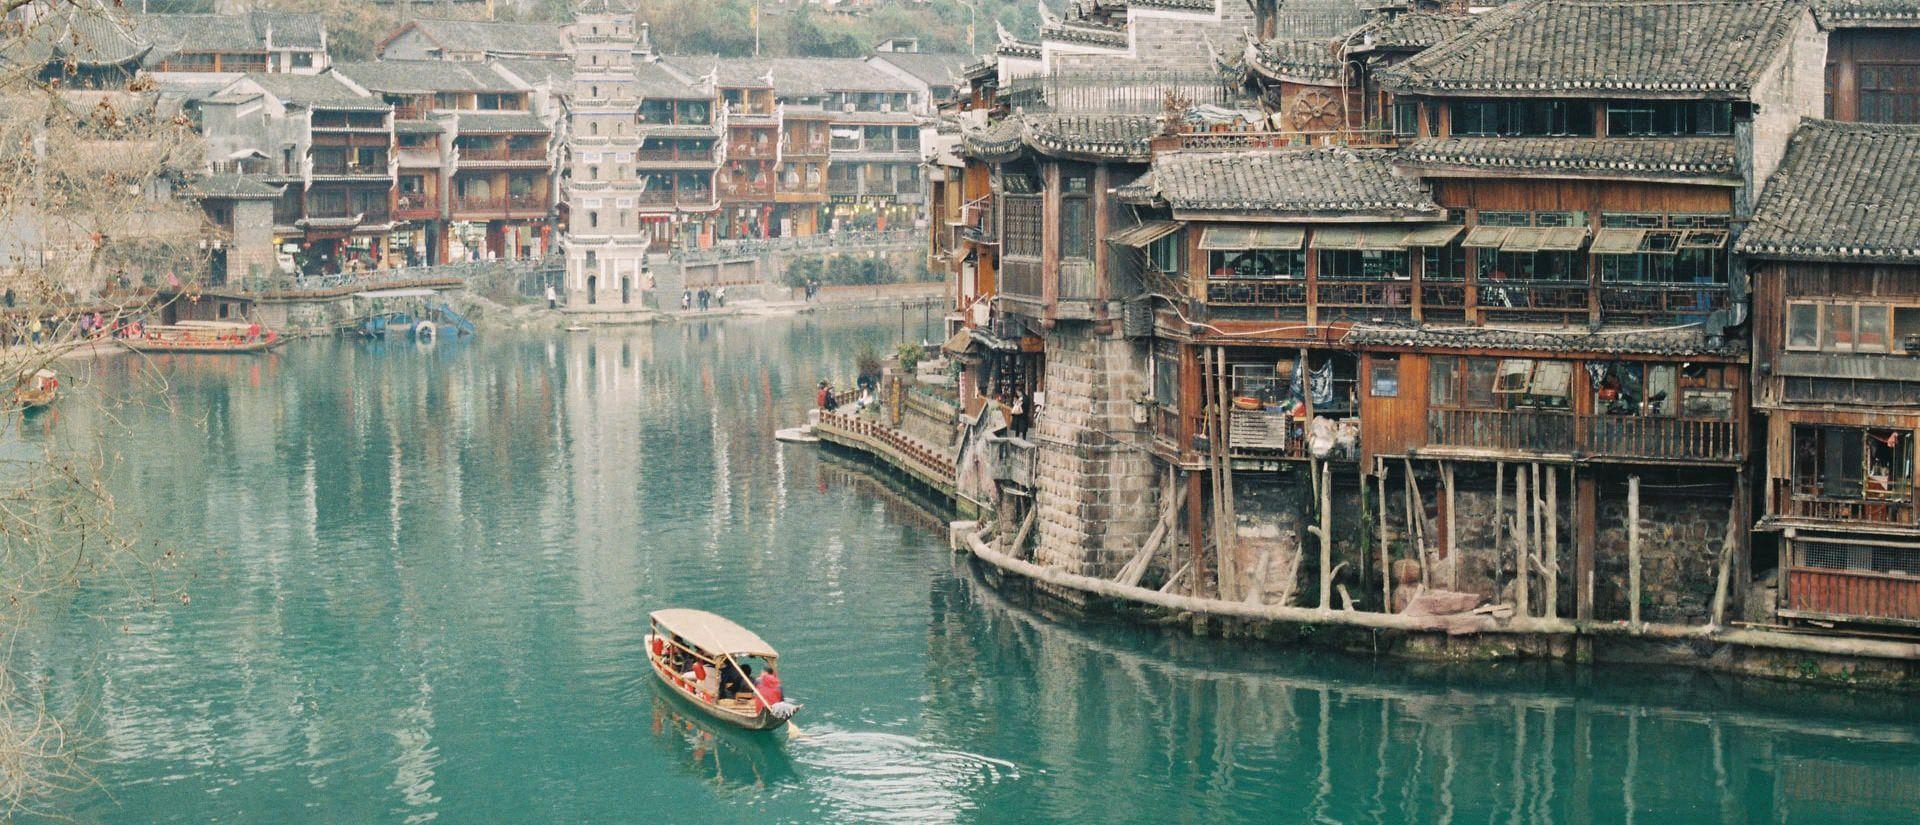 アジア地域の旅行先一覧